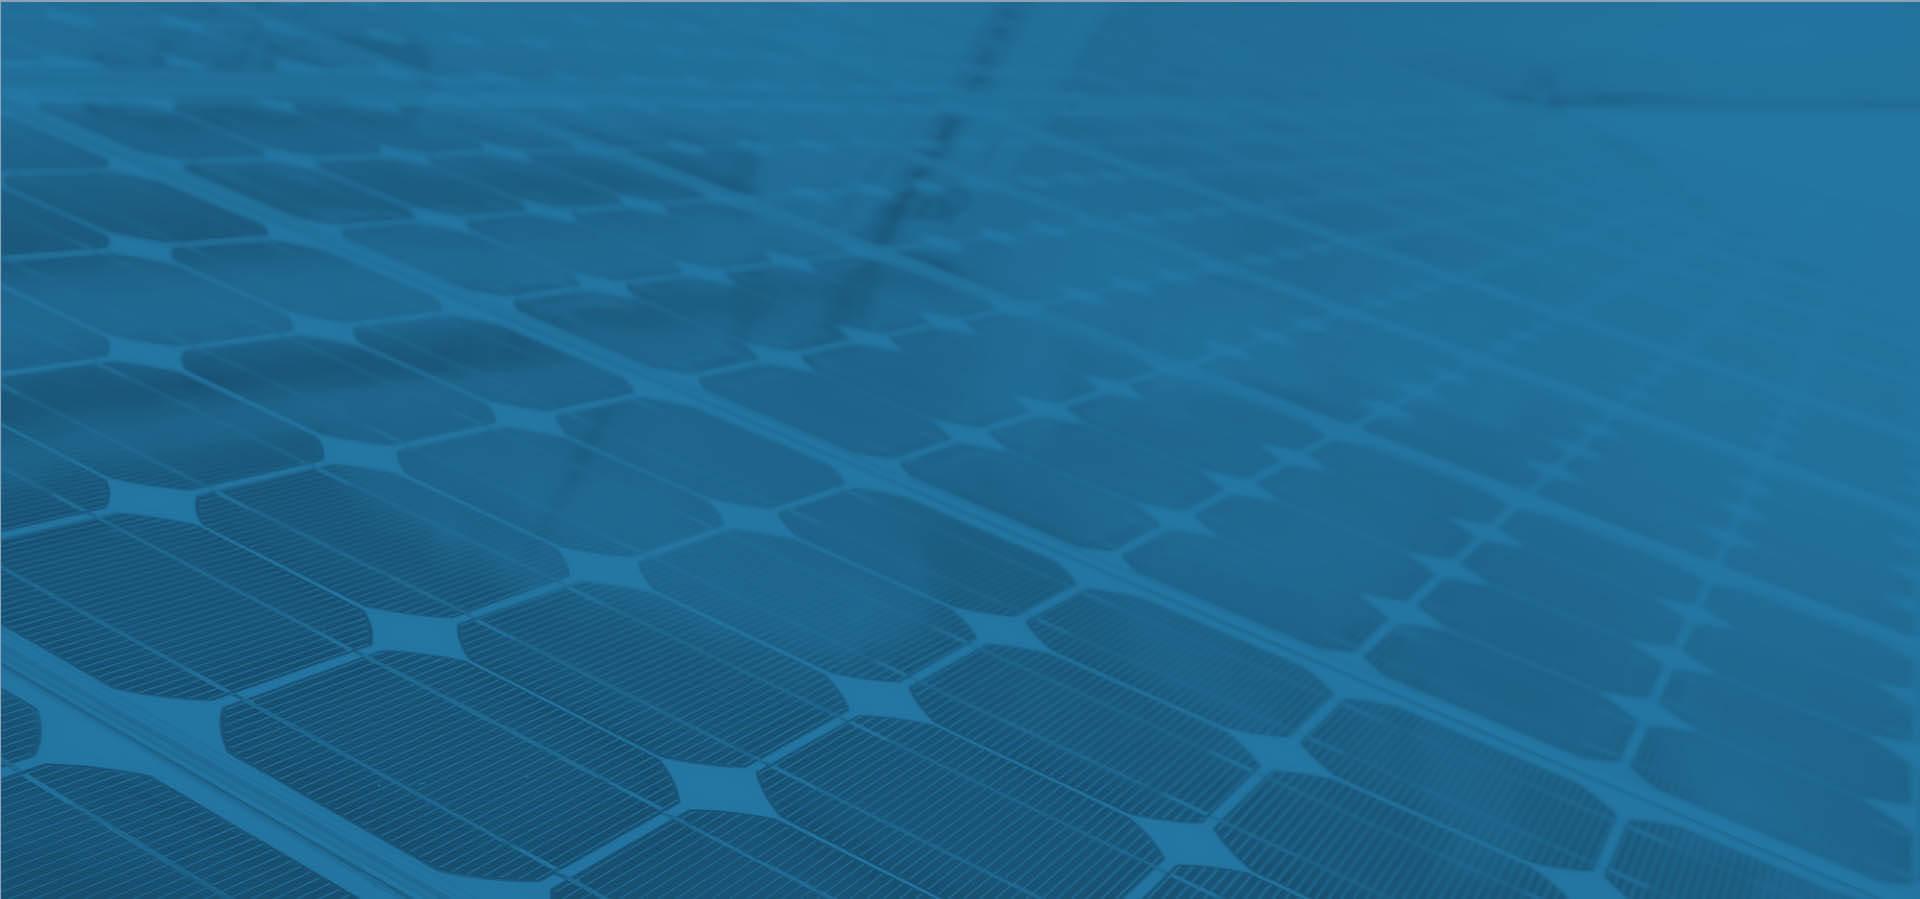 Placa Fotovoltaica energia solar azul